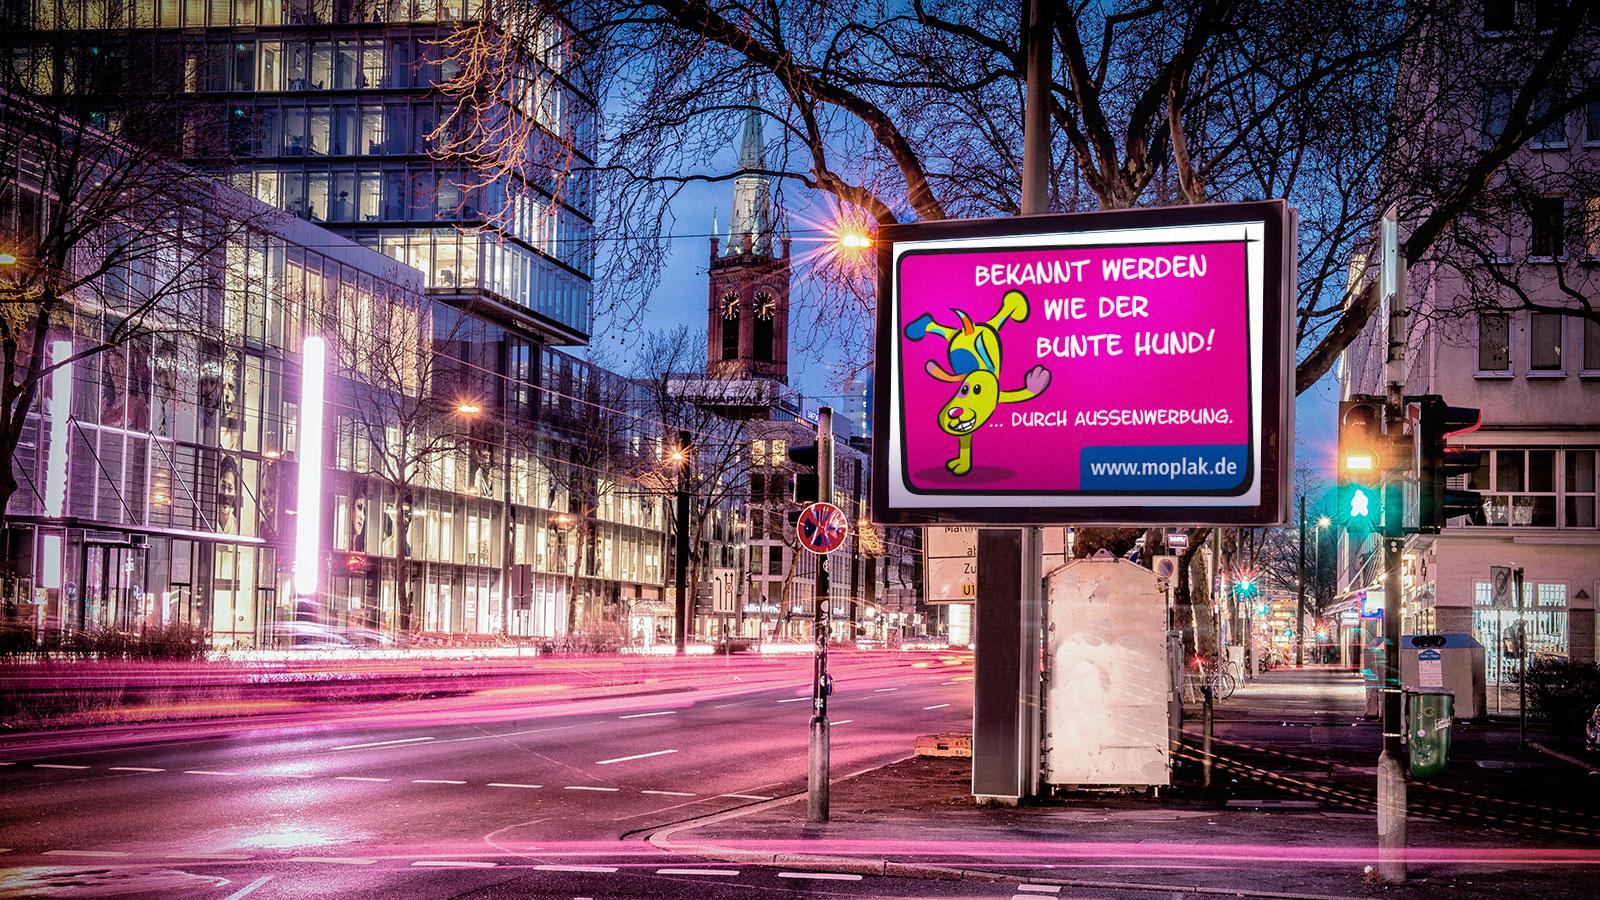 oberhausen-aussenwerbung-plakatwand-plakat-werbung